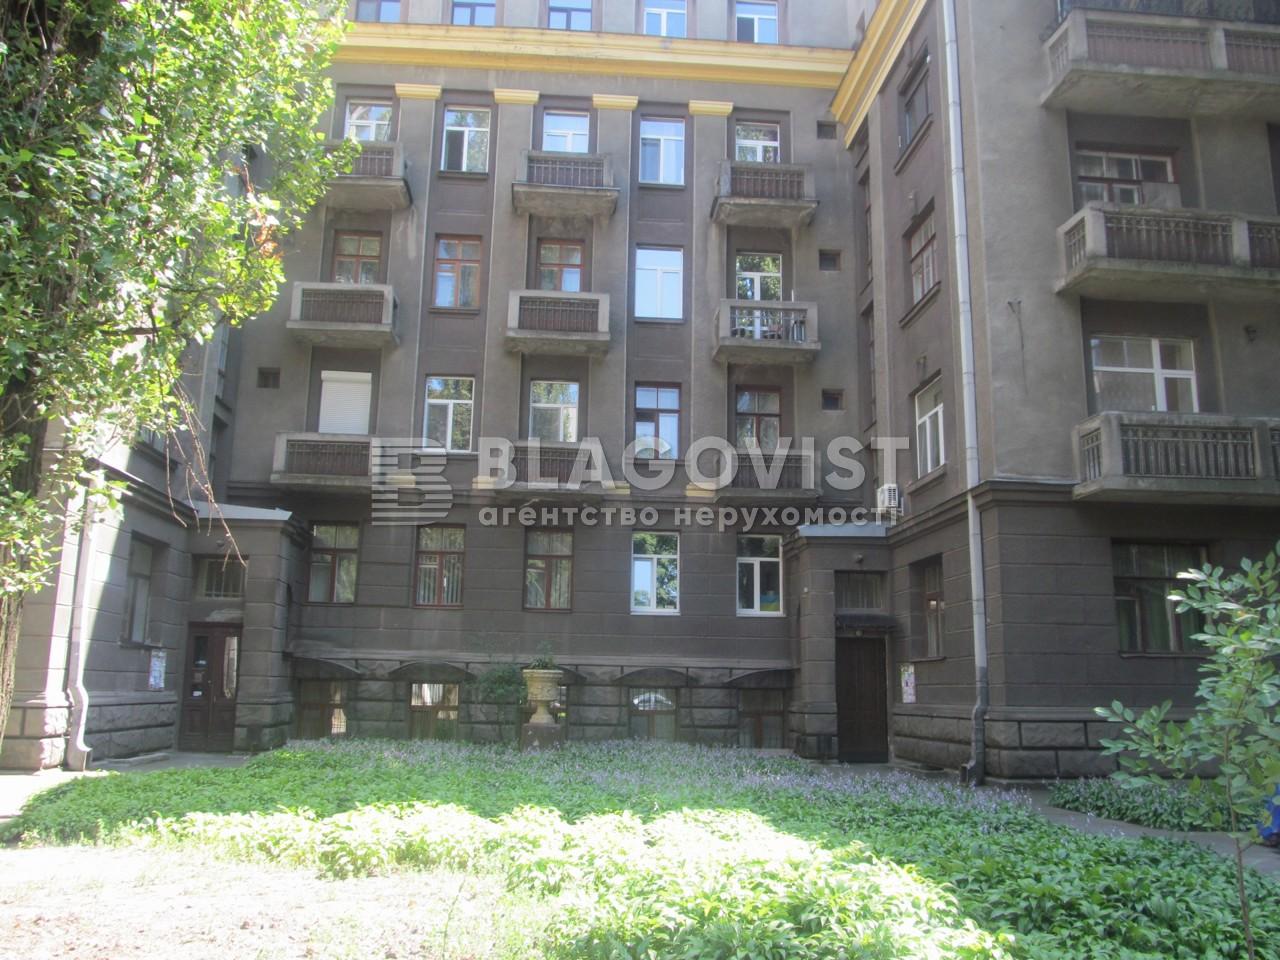 Квартира D-35924, Шелковичная, 21, Киев - Фото 1